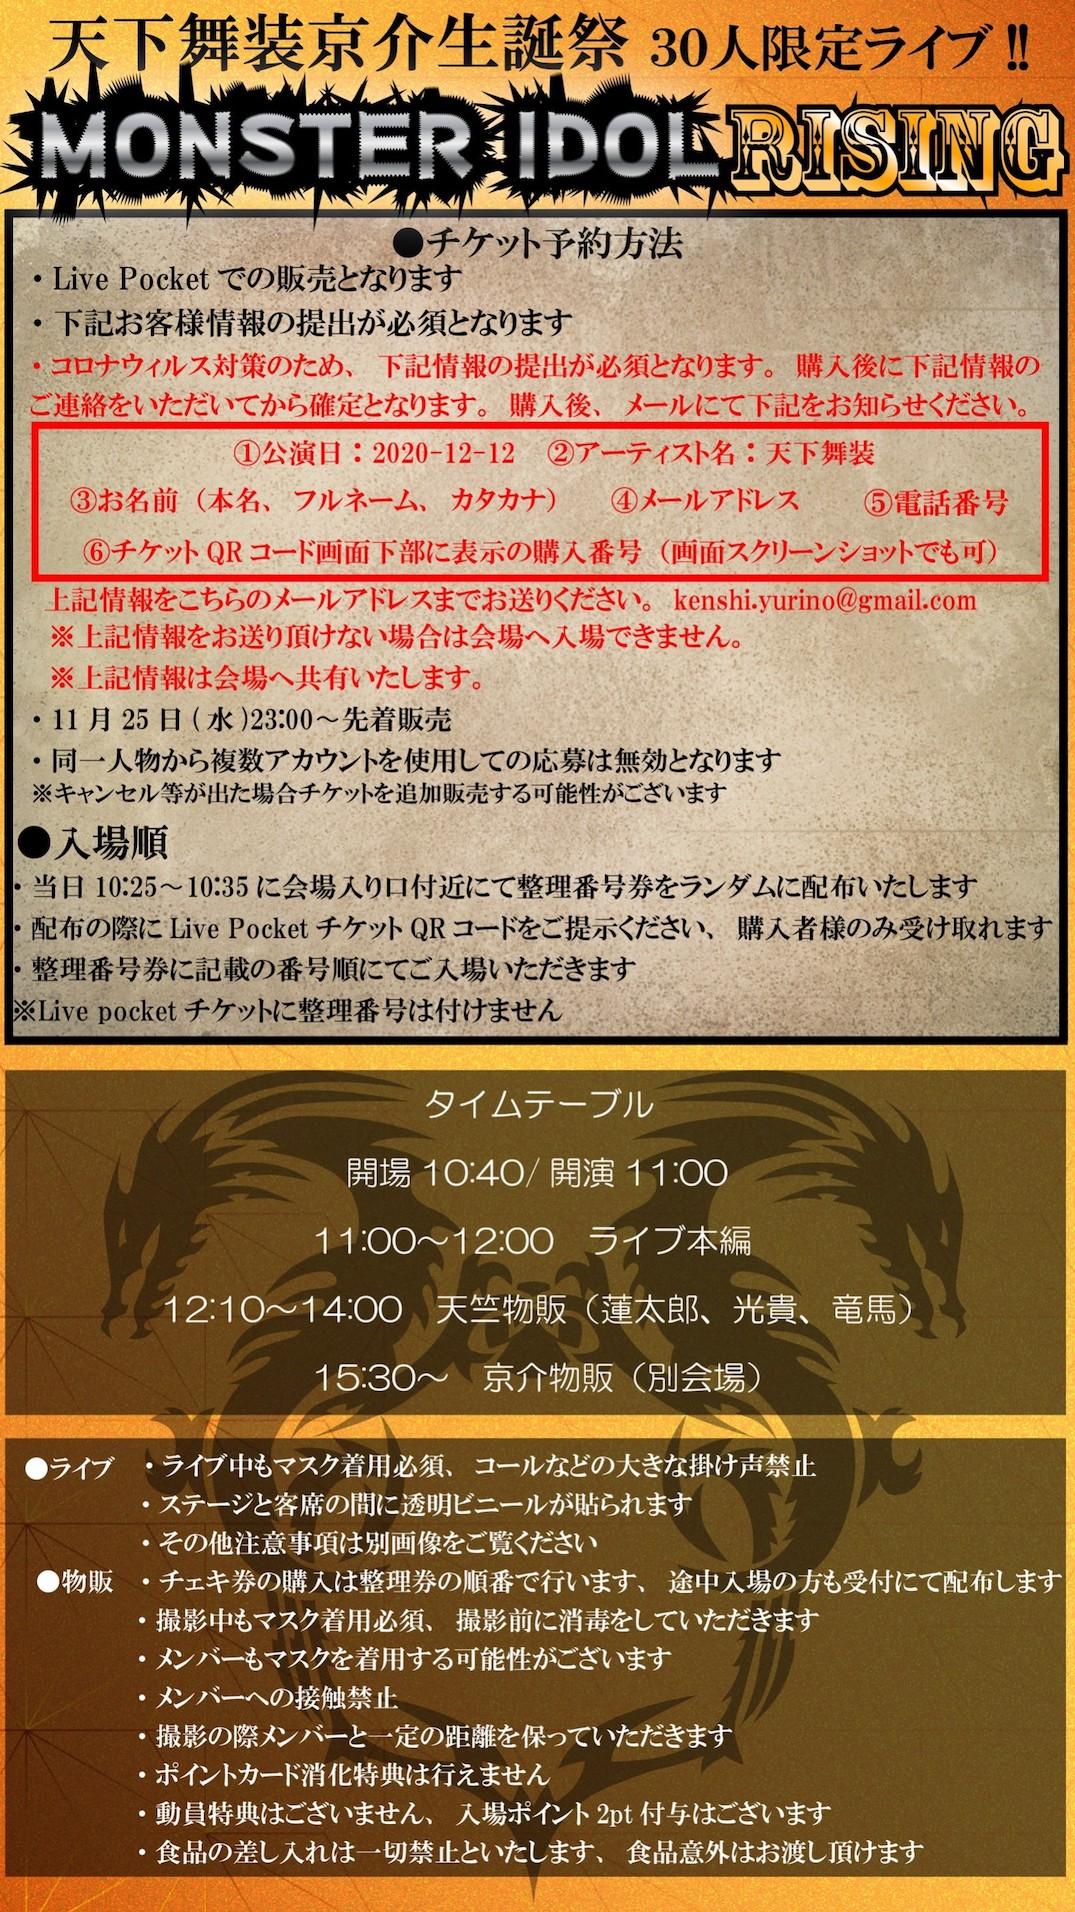 天下舞装京介生誕祭 「MONSTER IDOL RISING ~今日もきょうとて盛大に祝おうぜ!~」